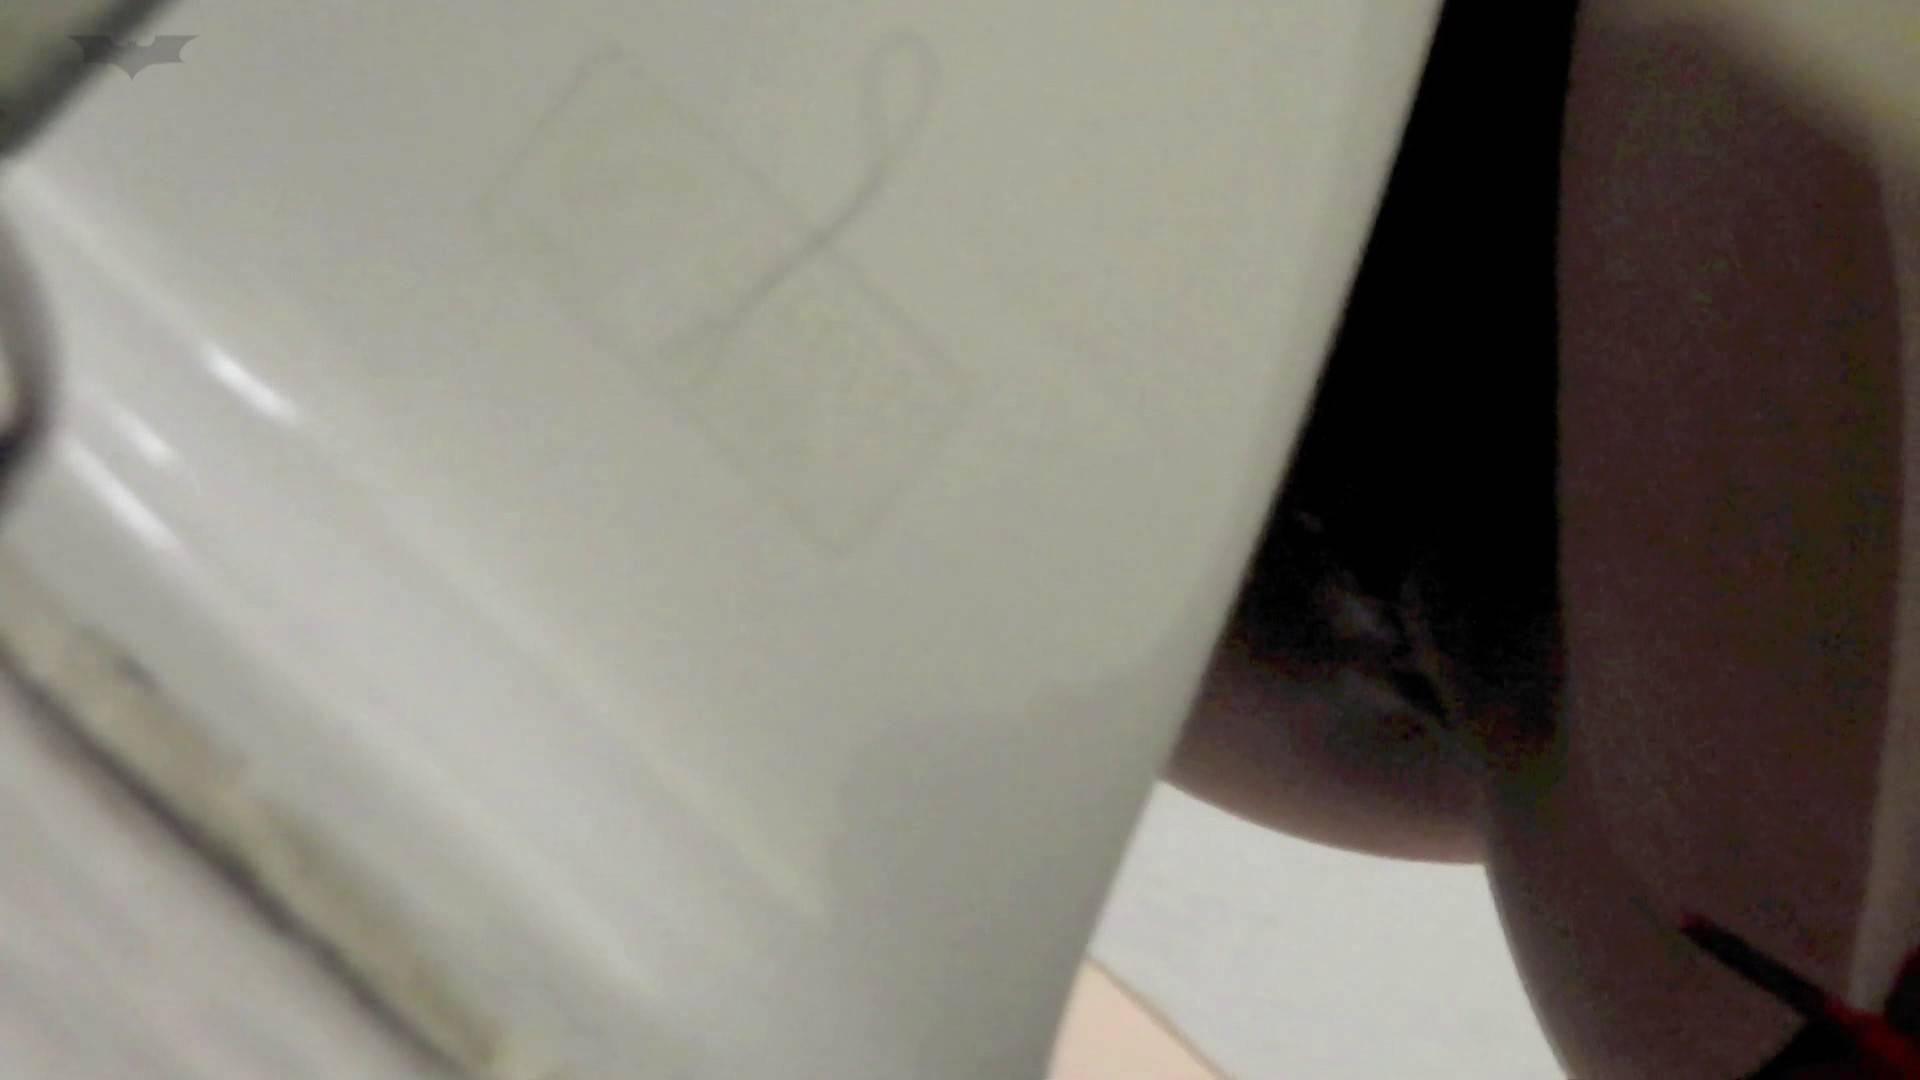 ▲復活限定D▲第三体育館潜入撮File018 夏帆に激似現役の未開発の下を 体育館 オマンコ無修正動画無料 96枚 69